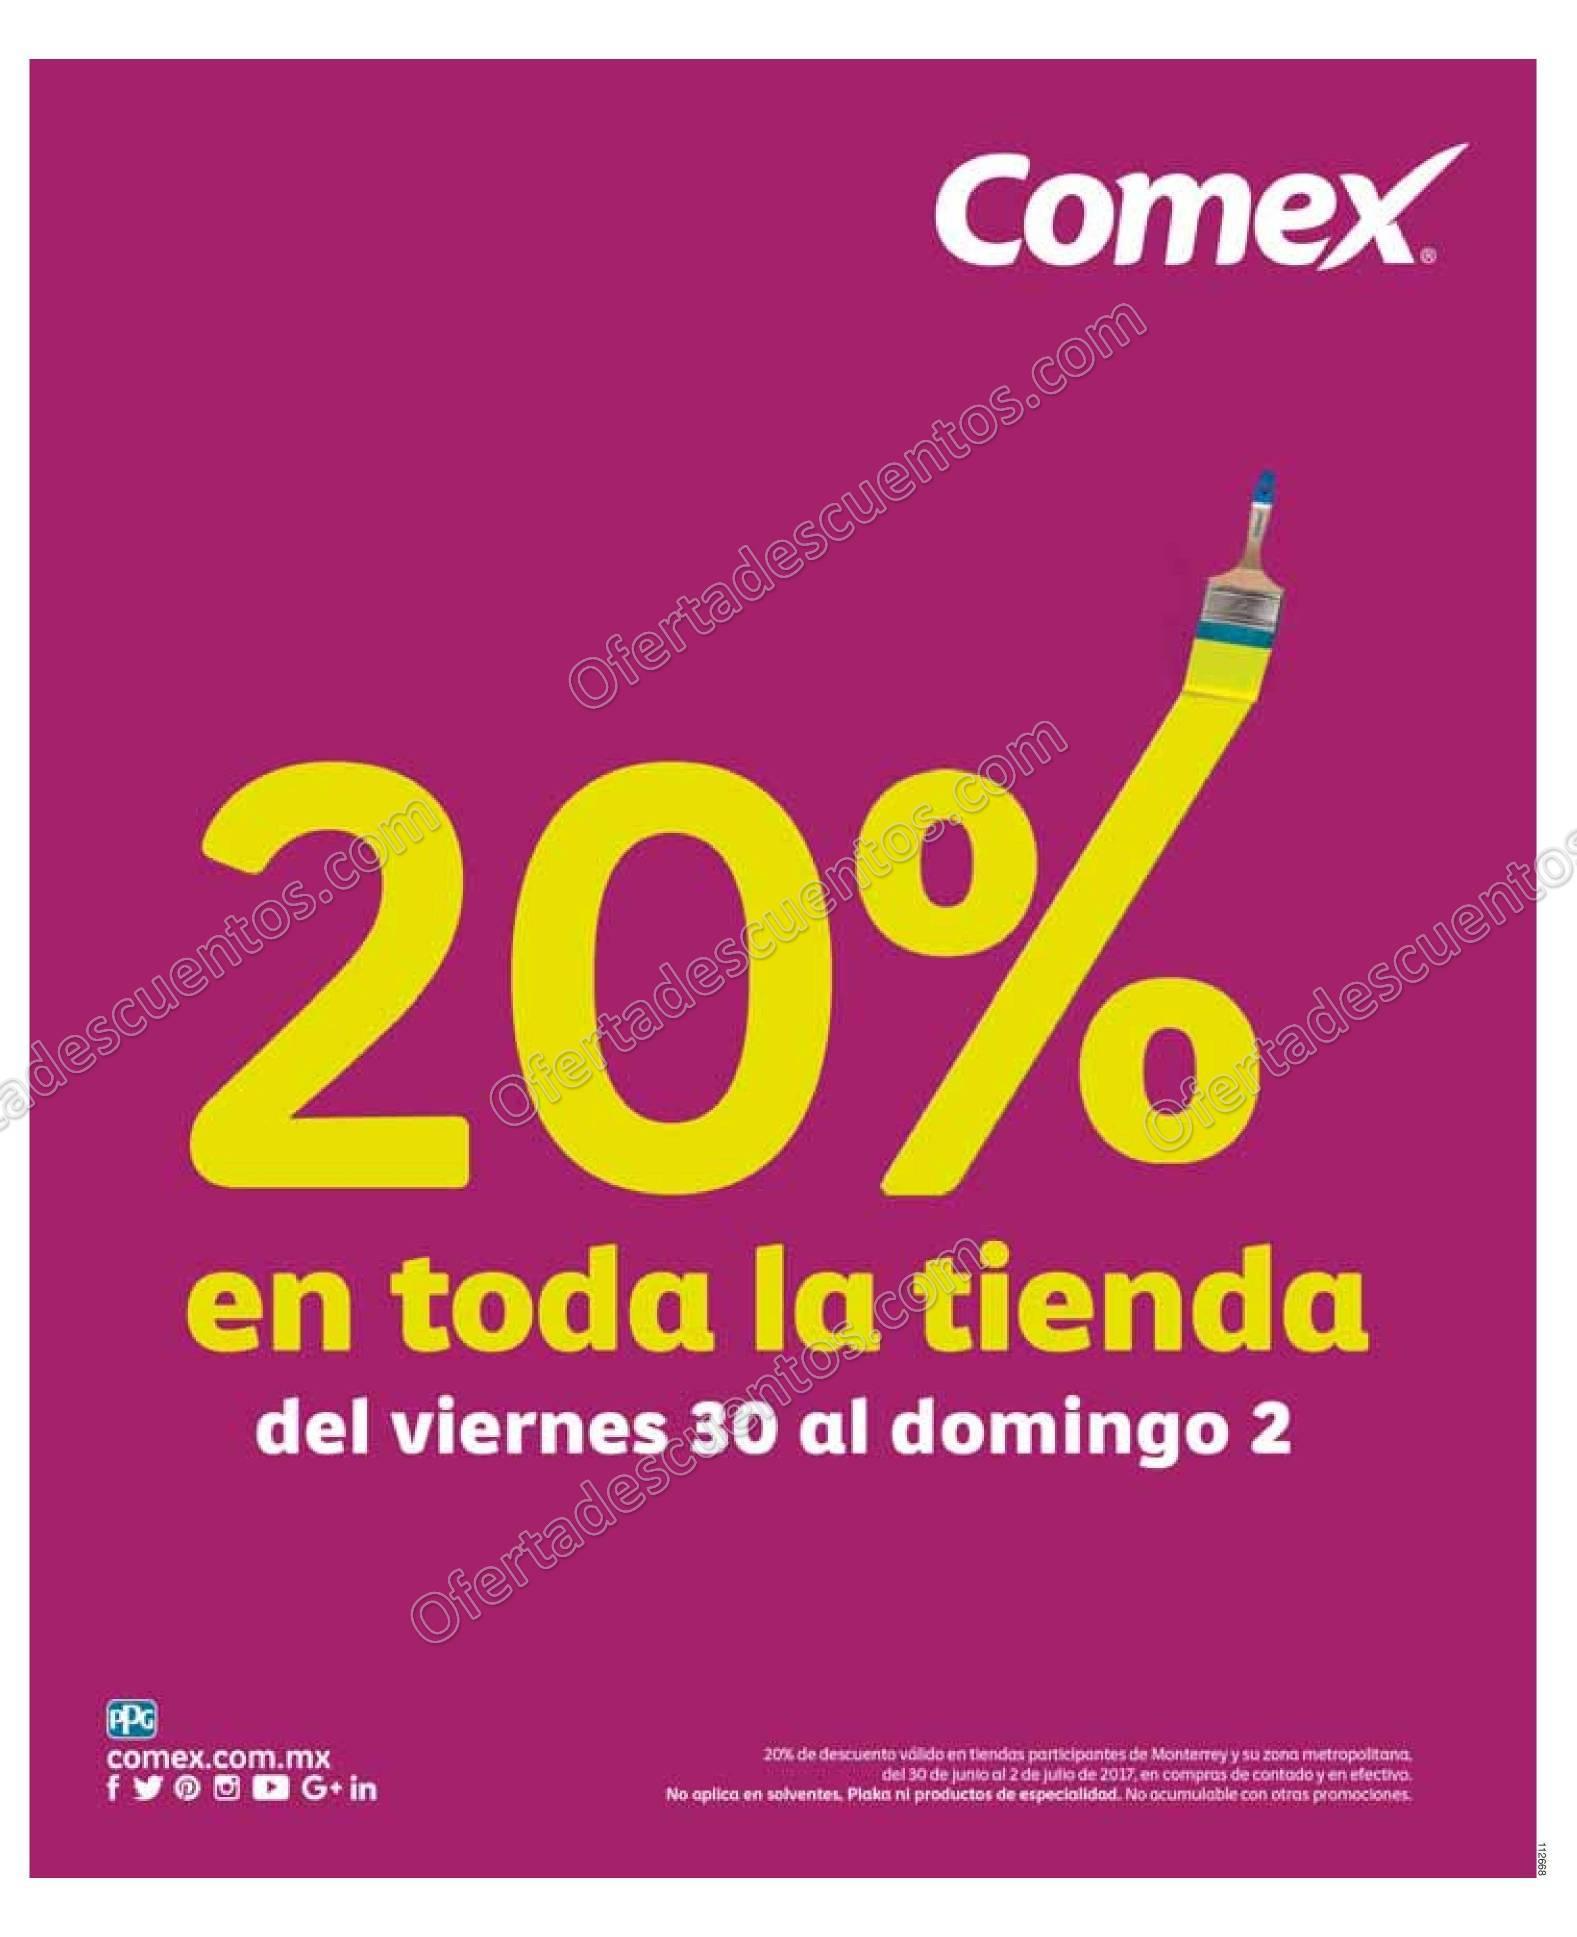 Comex: 20% de Descuento en Toda la Tienda